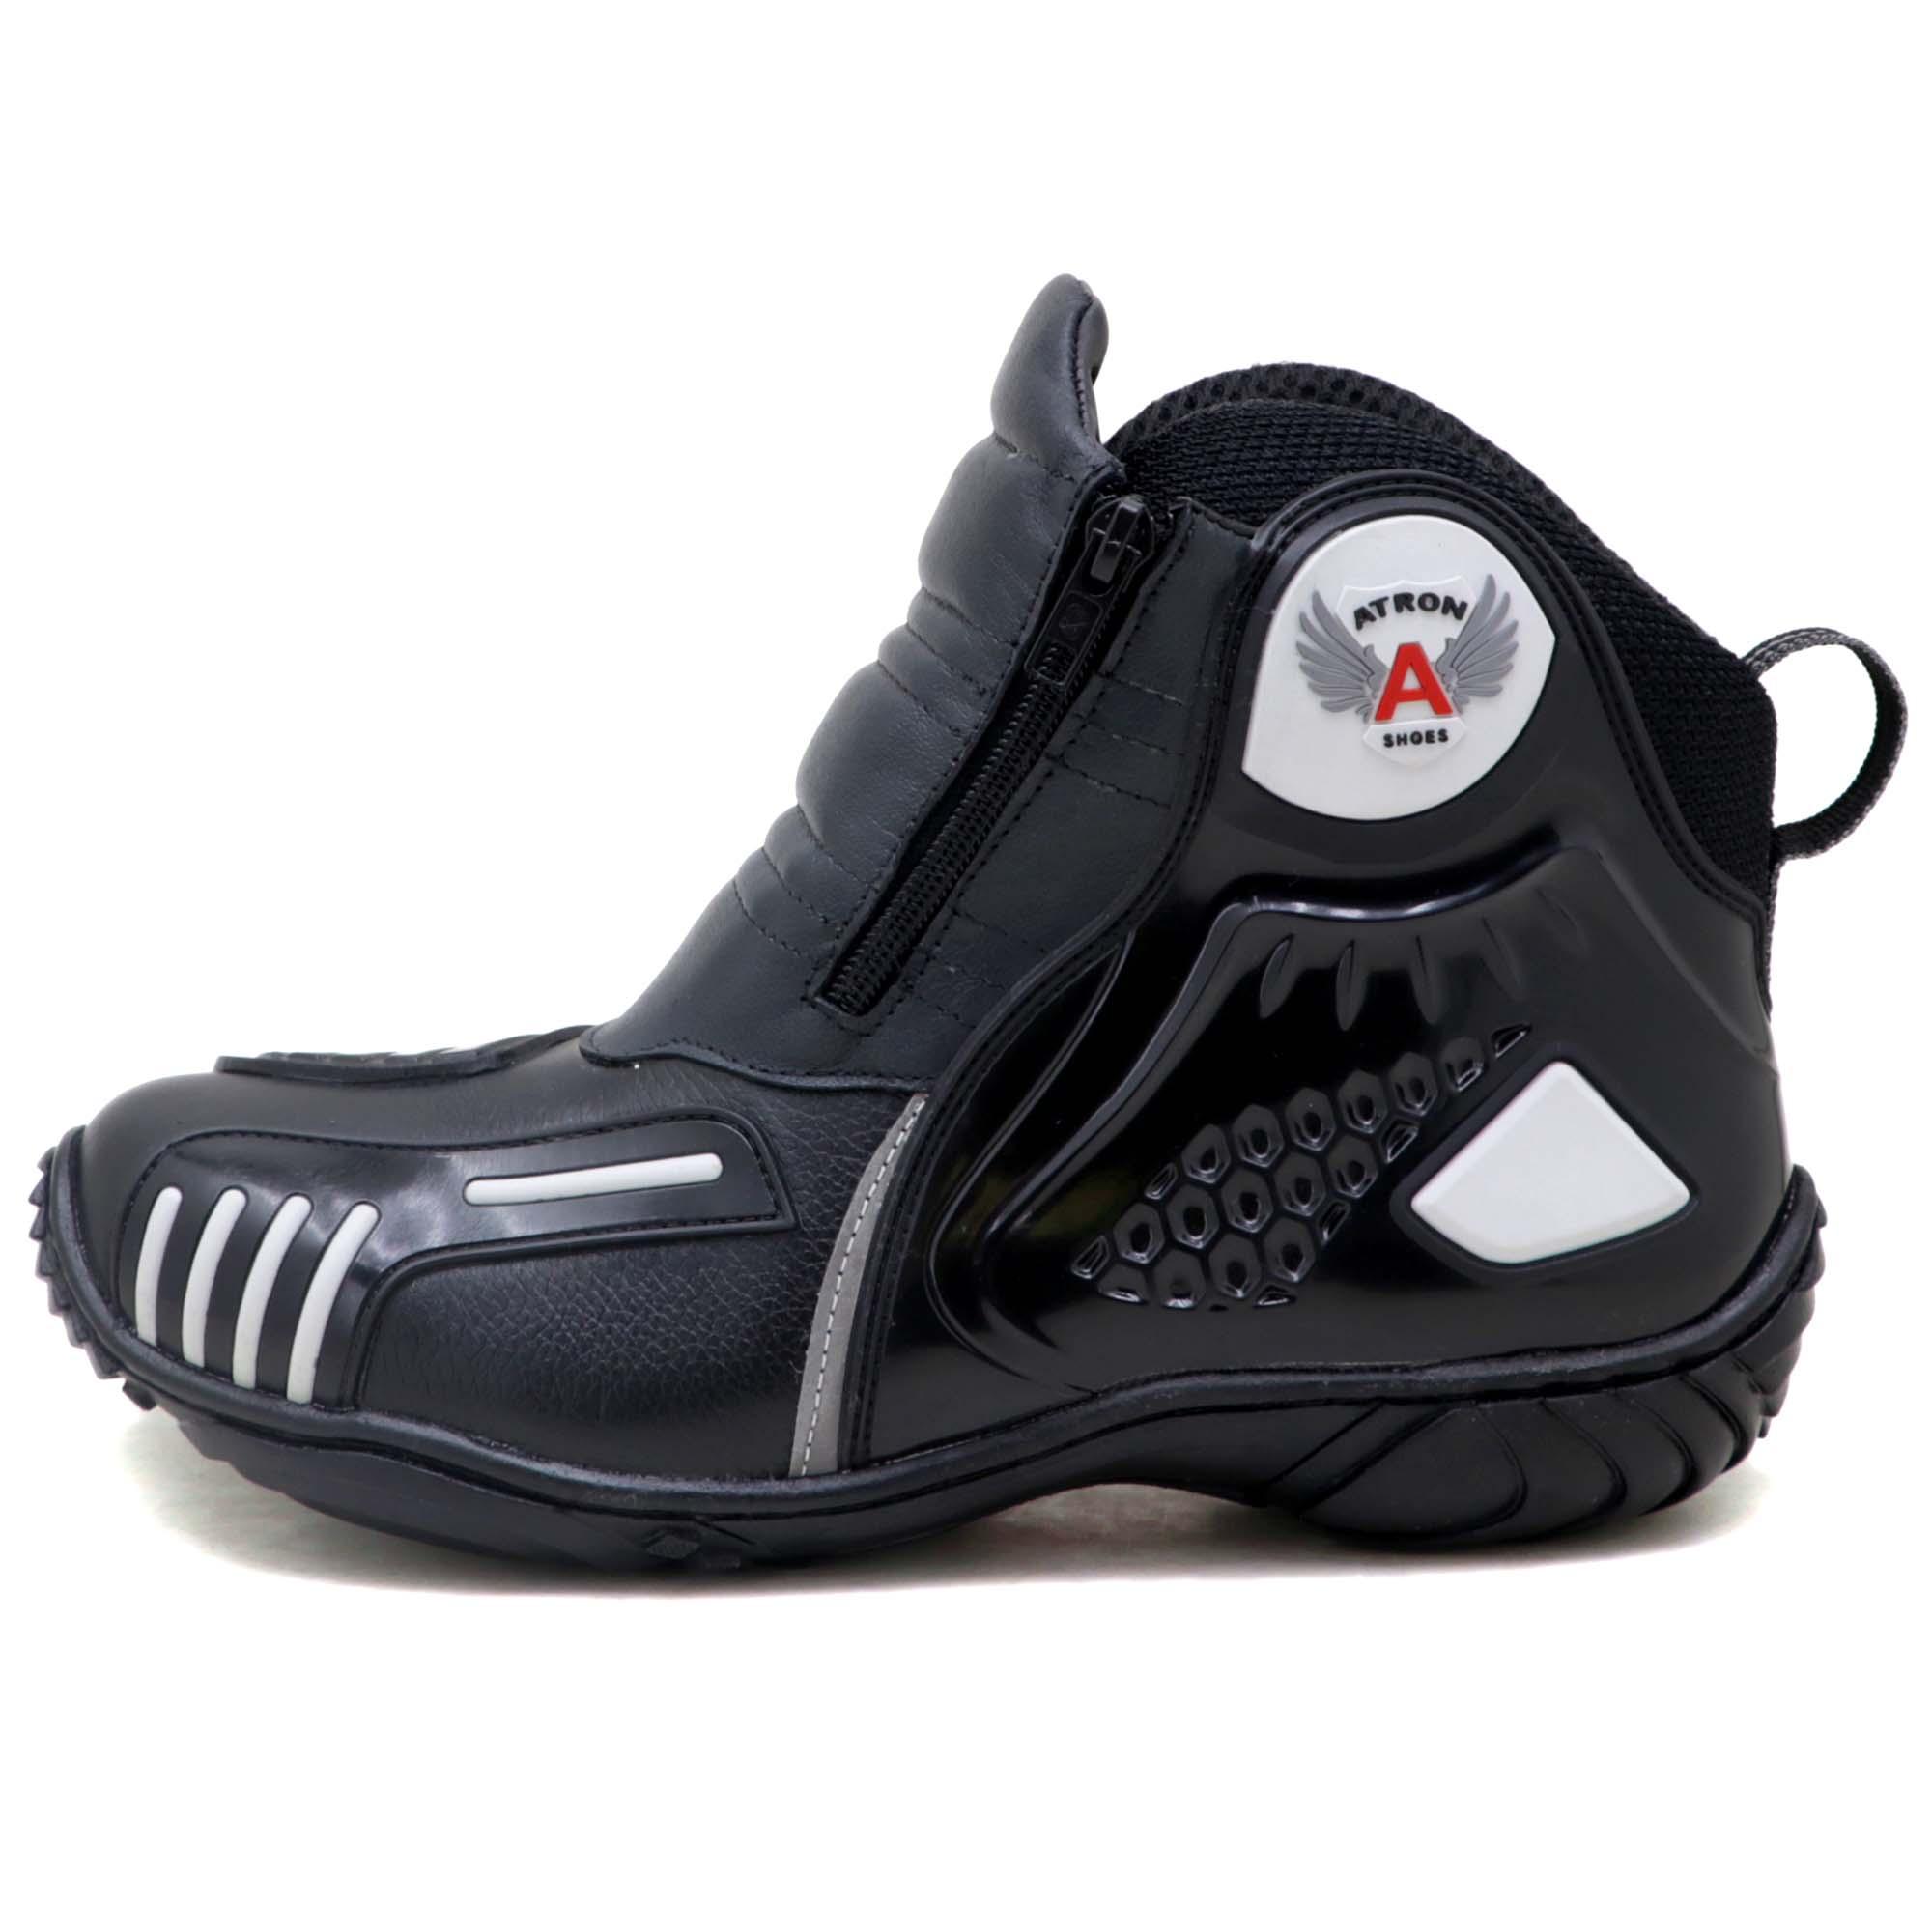 Bota motociclista Atron Shoes AS-HIGHWAY em couro legítimo semi-impermeável emborrachada na cor Preto 407